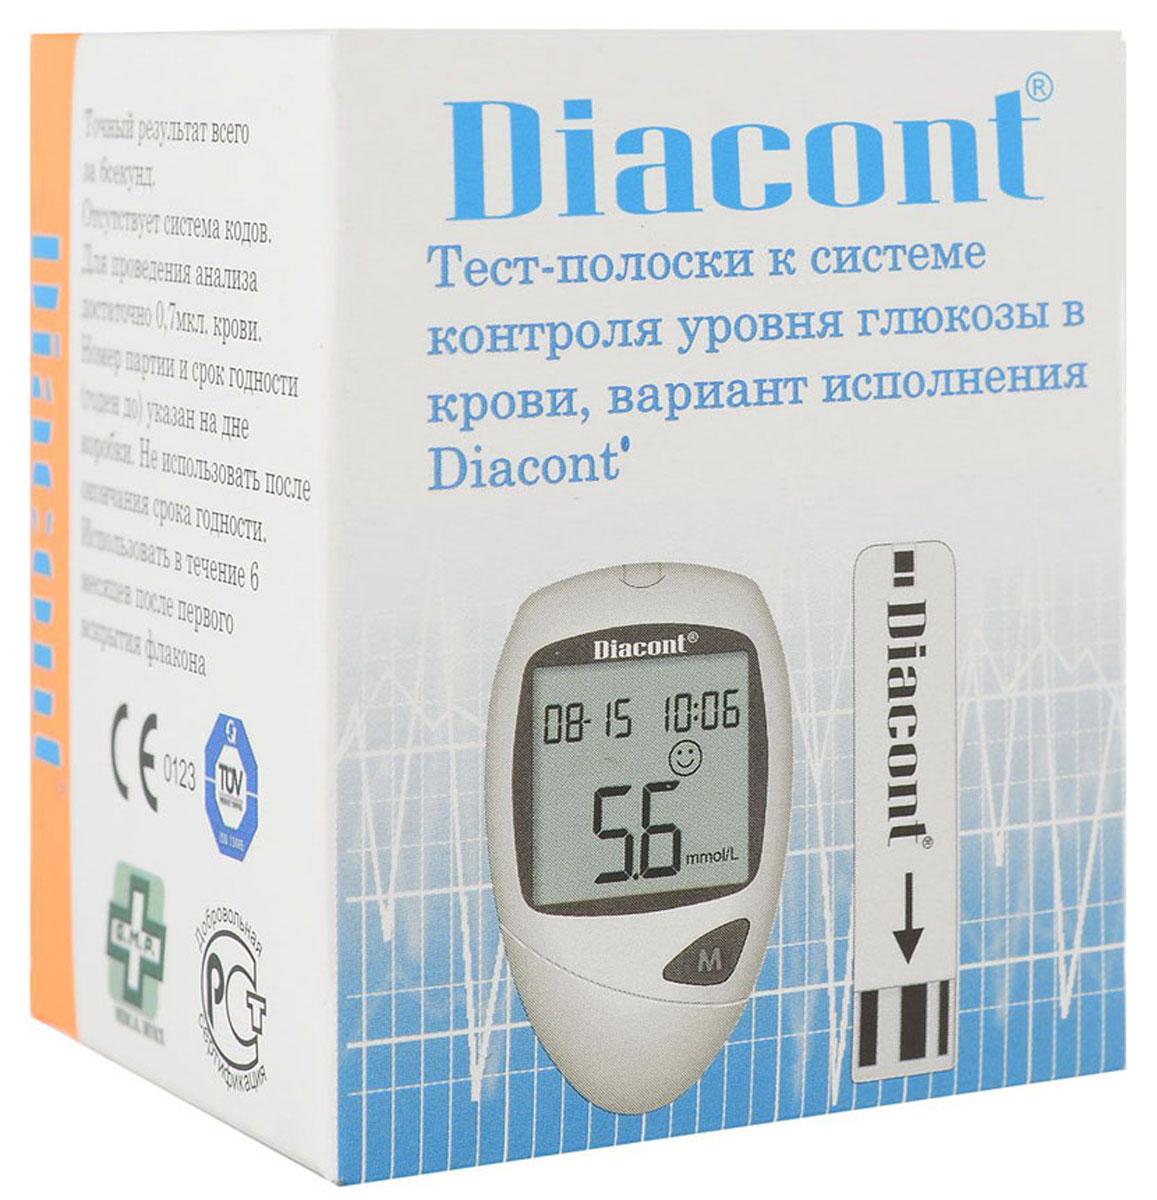 Diacont Тест-полоски к системе контроля уровня глюкозы в крови, 25 шт. 18121812Тест-полоски к системе контроля уровня глюкозы в крови Diacont, 25 штОдноразовые тест-полоски к глюкометрам: Diacont и Diacont (компакт). При изготовлении тест-полосок используется методика послойного нанесения ферментативных слоев, что обеспечивает минимальную погрешность измерения. Тест-полоски не требуют кодирования и сами втягивают каплю крови. Соответствуют системе качества ISO 15197 и GMP. Количество тест-полосок в упаковке - 25 штук.Особенности: Одноразовые тест-полоски для контроля глюкозы в крови Предназначены для использования с глюкометрами: Diacont и Diacont (компакт) Послойное нанесение ферментативных слоев тест-полоски для минимальной погрешности измерения Не требуют кодирования Тест-полоска сама втягивает кровь Контрольное поле на тест-полоске для определения достаточного количества крови на полоске Соответствуют системе качества ISO 15197 и GMP Количество в упаковке - 25 штук, Гарантия-2 года.